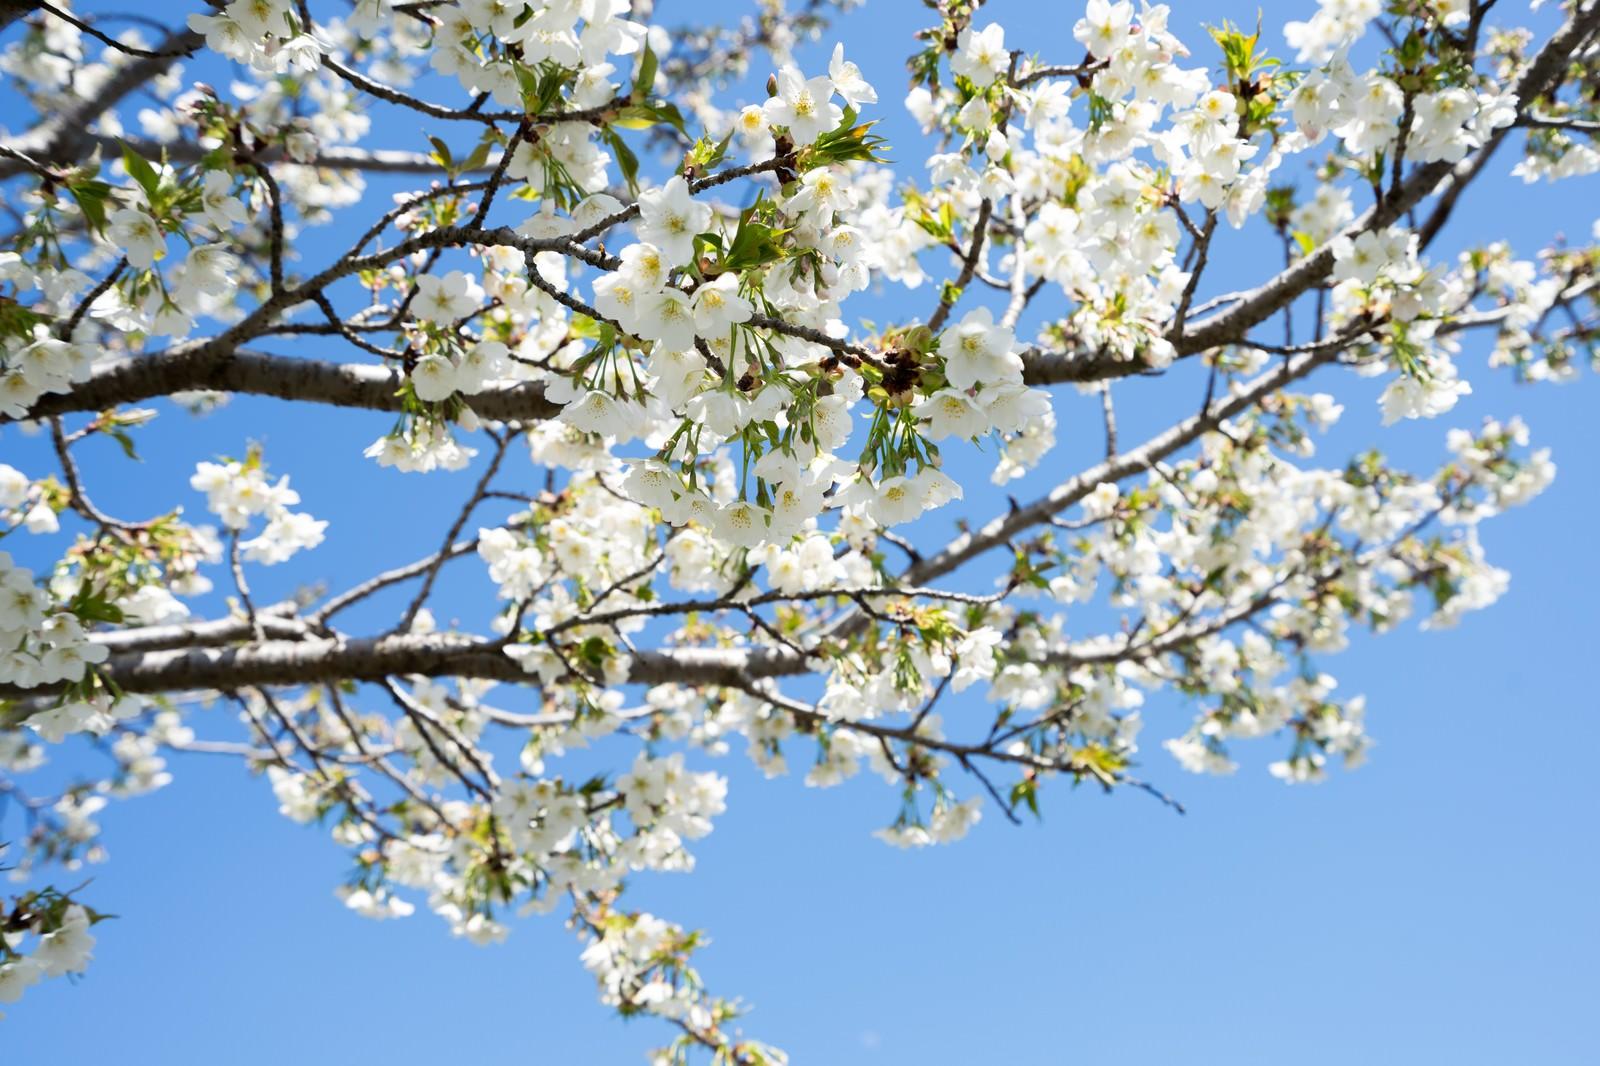 白い花の桜(葉桜)の写真(画像)|フリー素材「ぱくたそ」